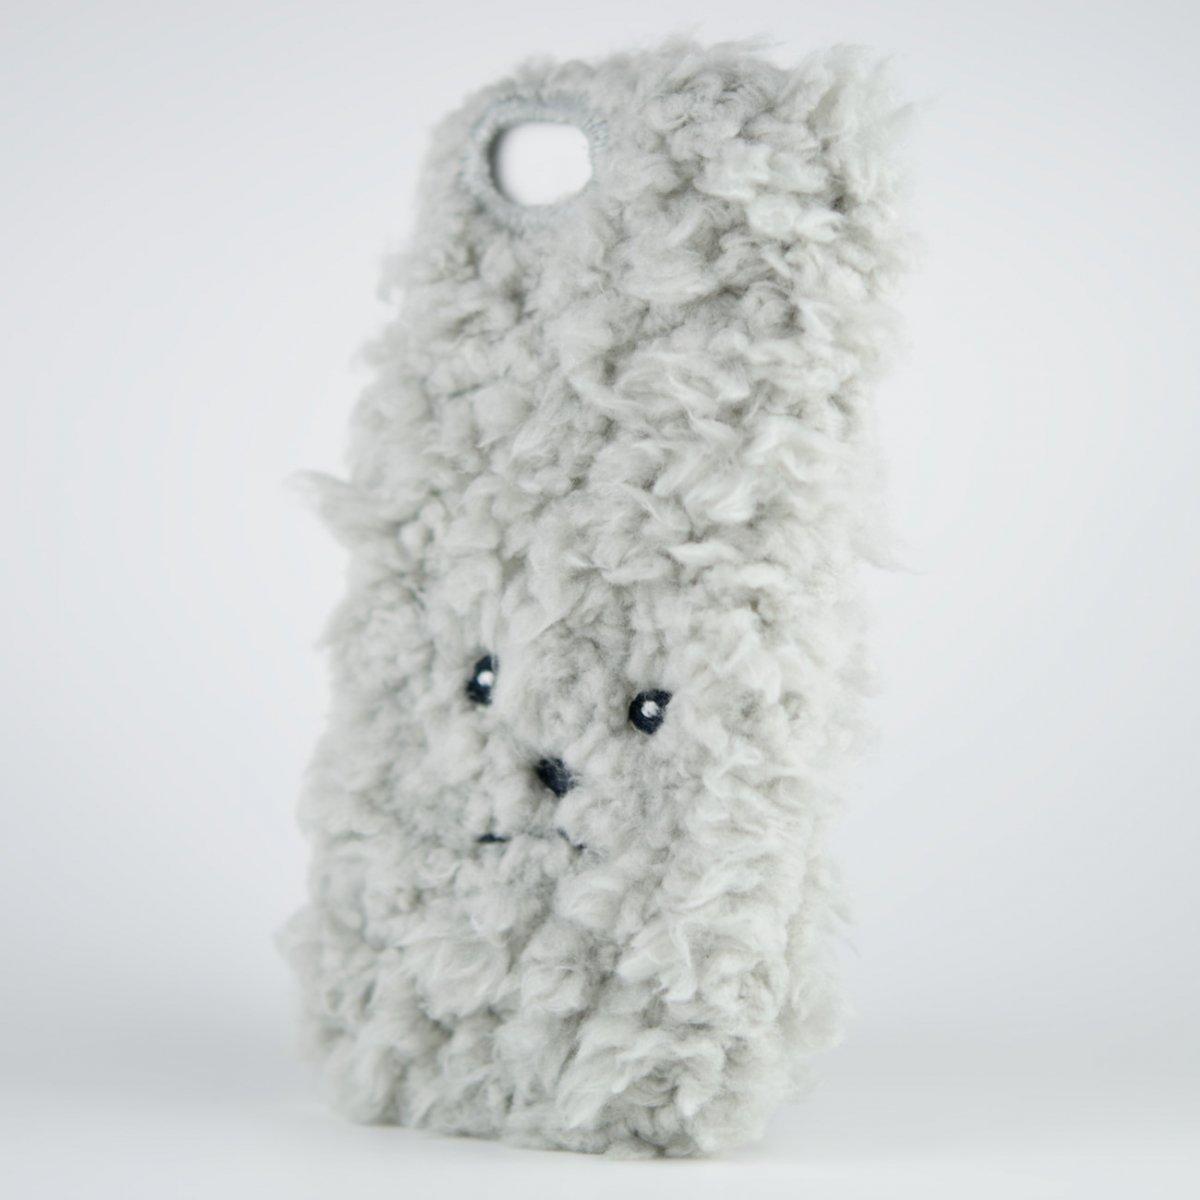 【iPhone5用スマホケース】イヌ・トイプードルiPhoneカバー[グレー]